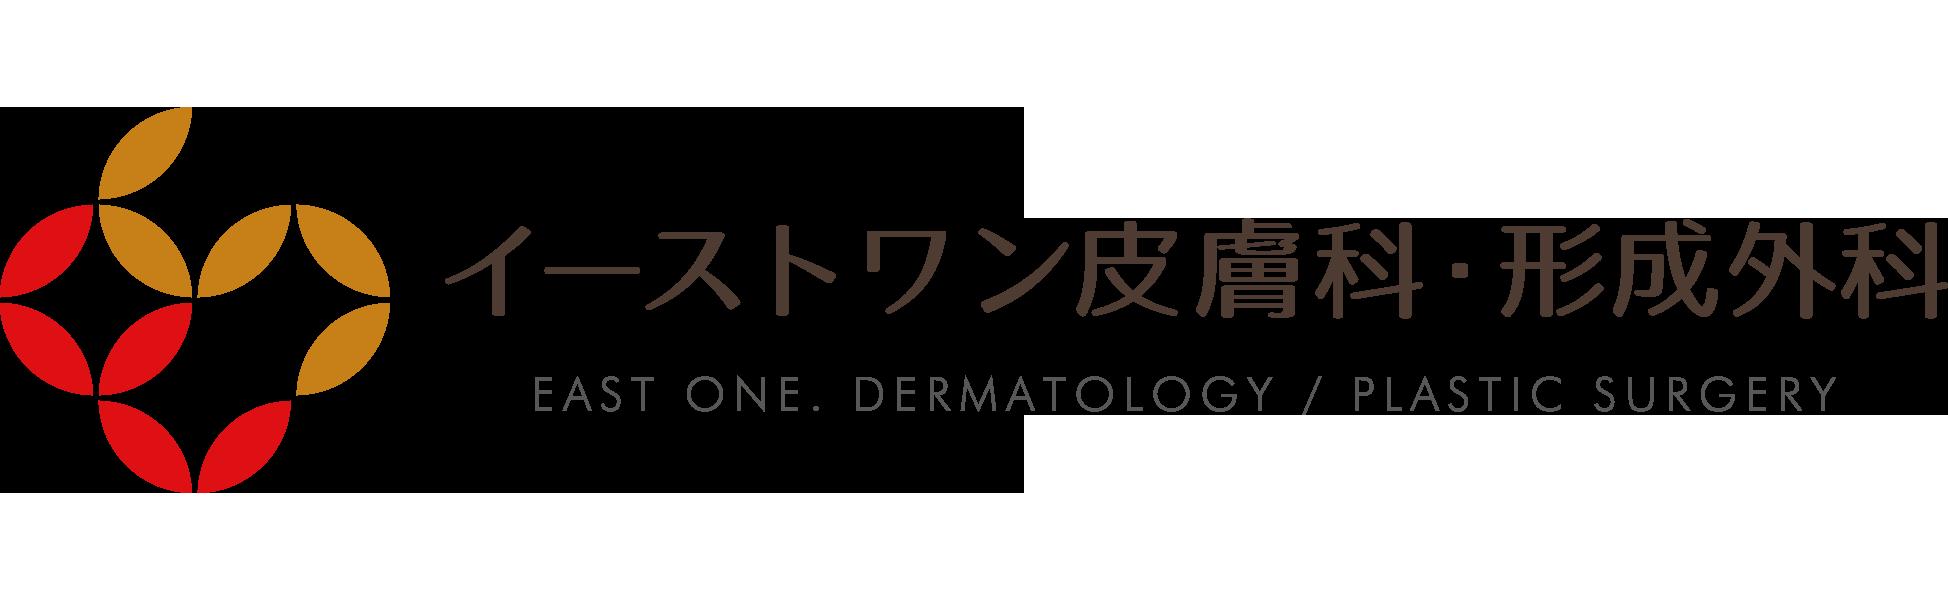 イーストワン皮膚科クリニック 入谷 英里ブログ